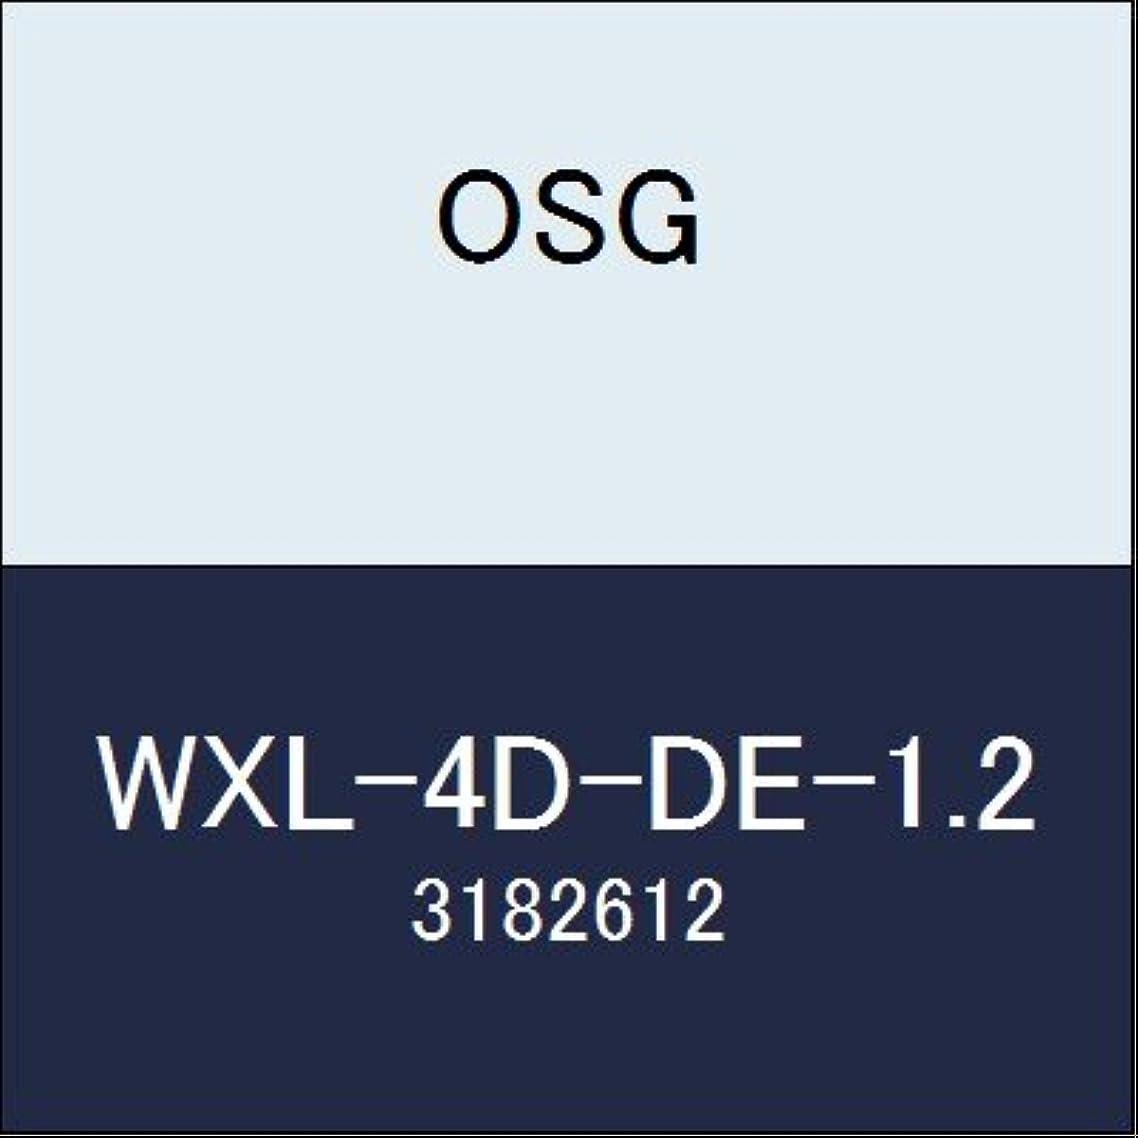 精神医学禁じるチラチラするOSG エンドミル WXL-4D-DE-1.2 商品番号 3182612